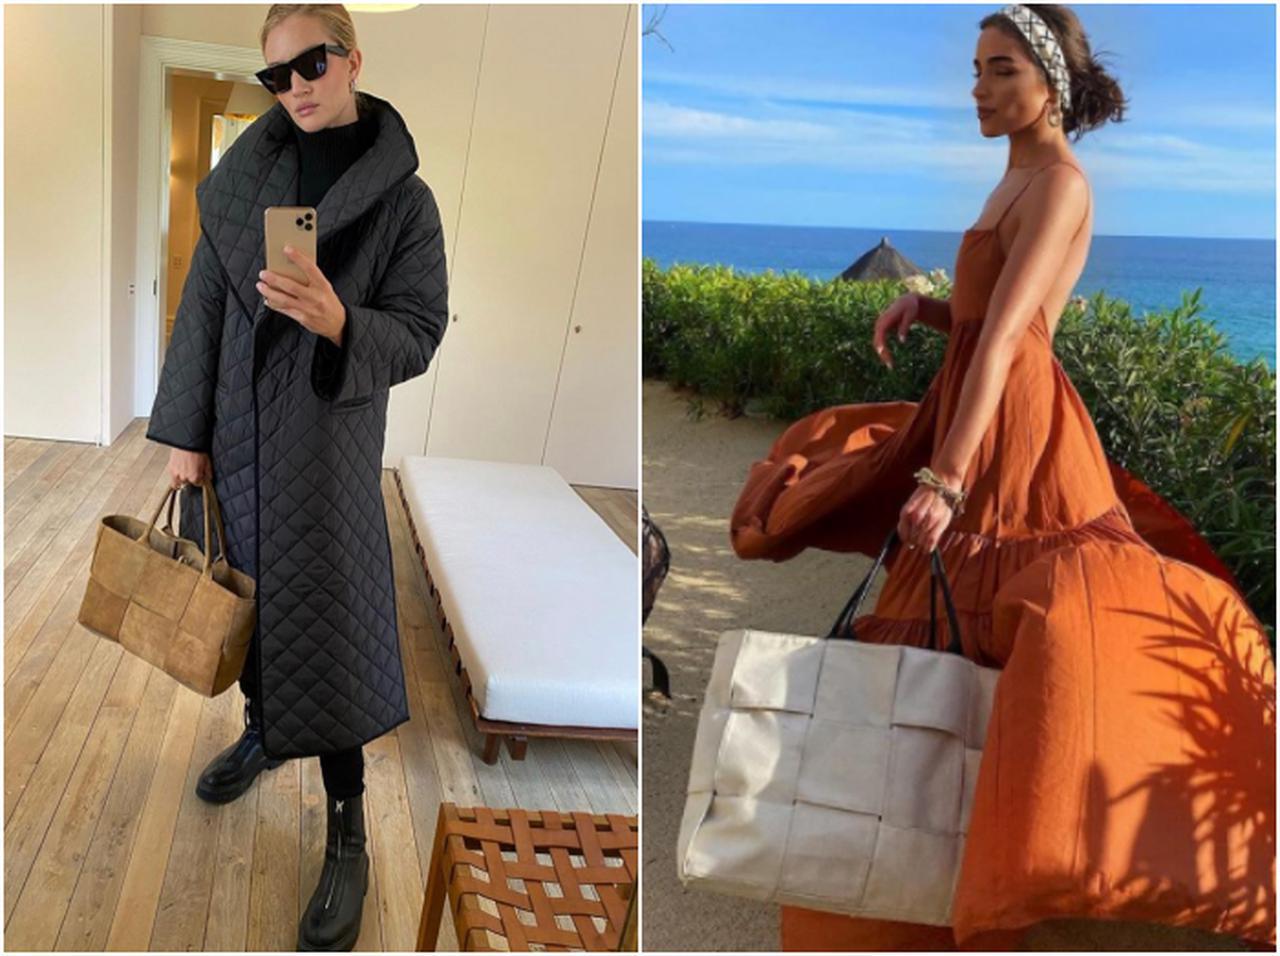 画像: 人気モデルのロージー・ハンティントン・ホワイトリー&オリヴィア・カルポ